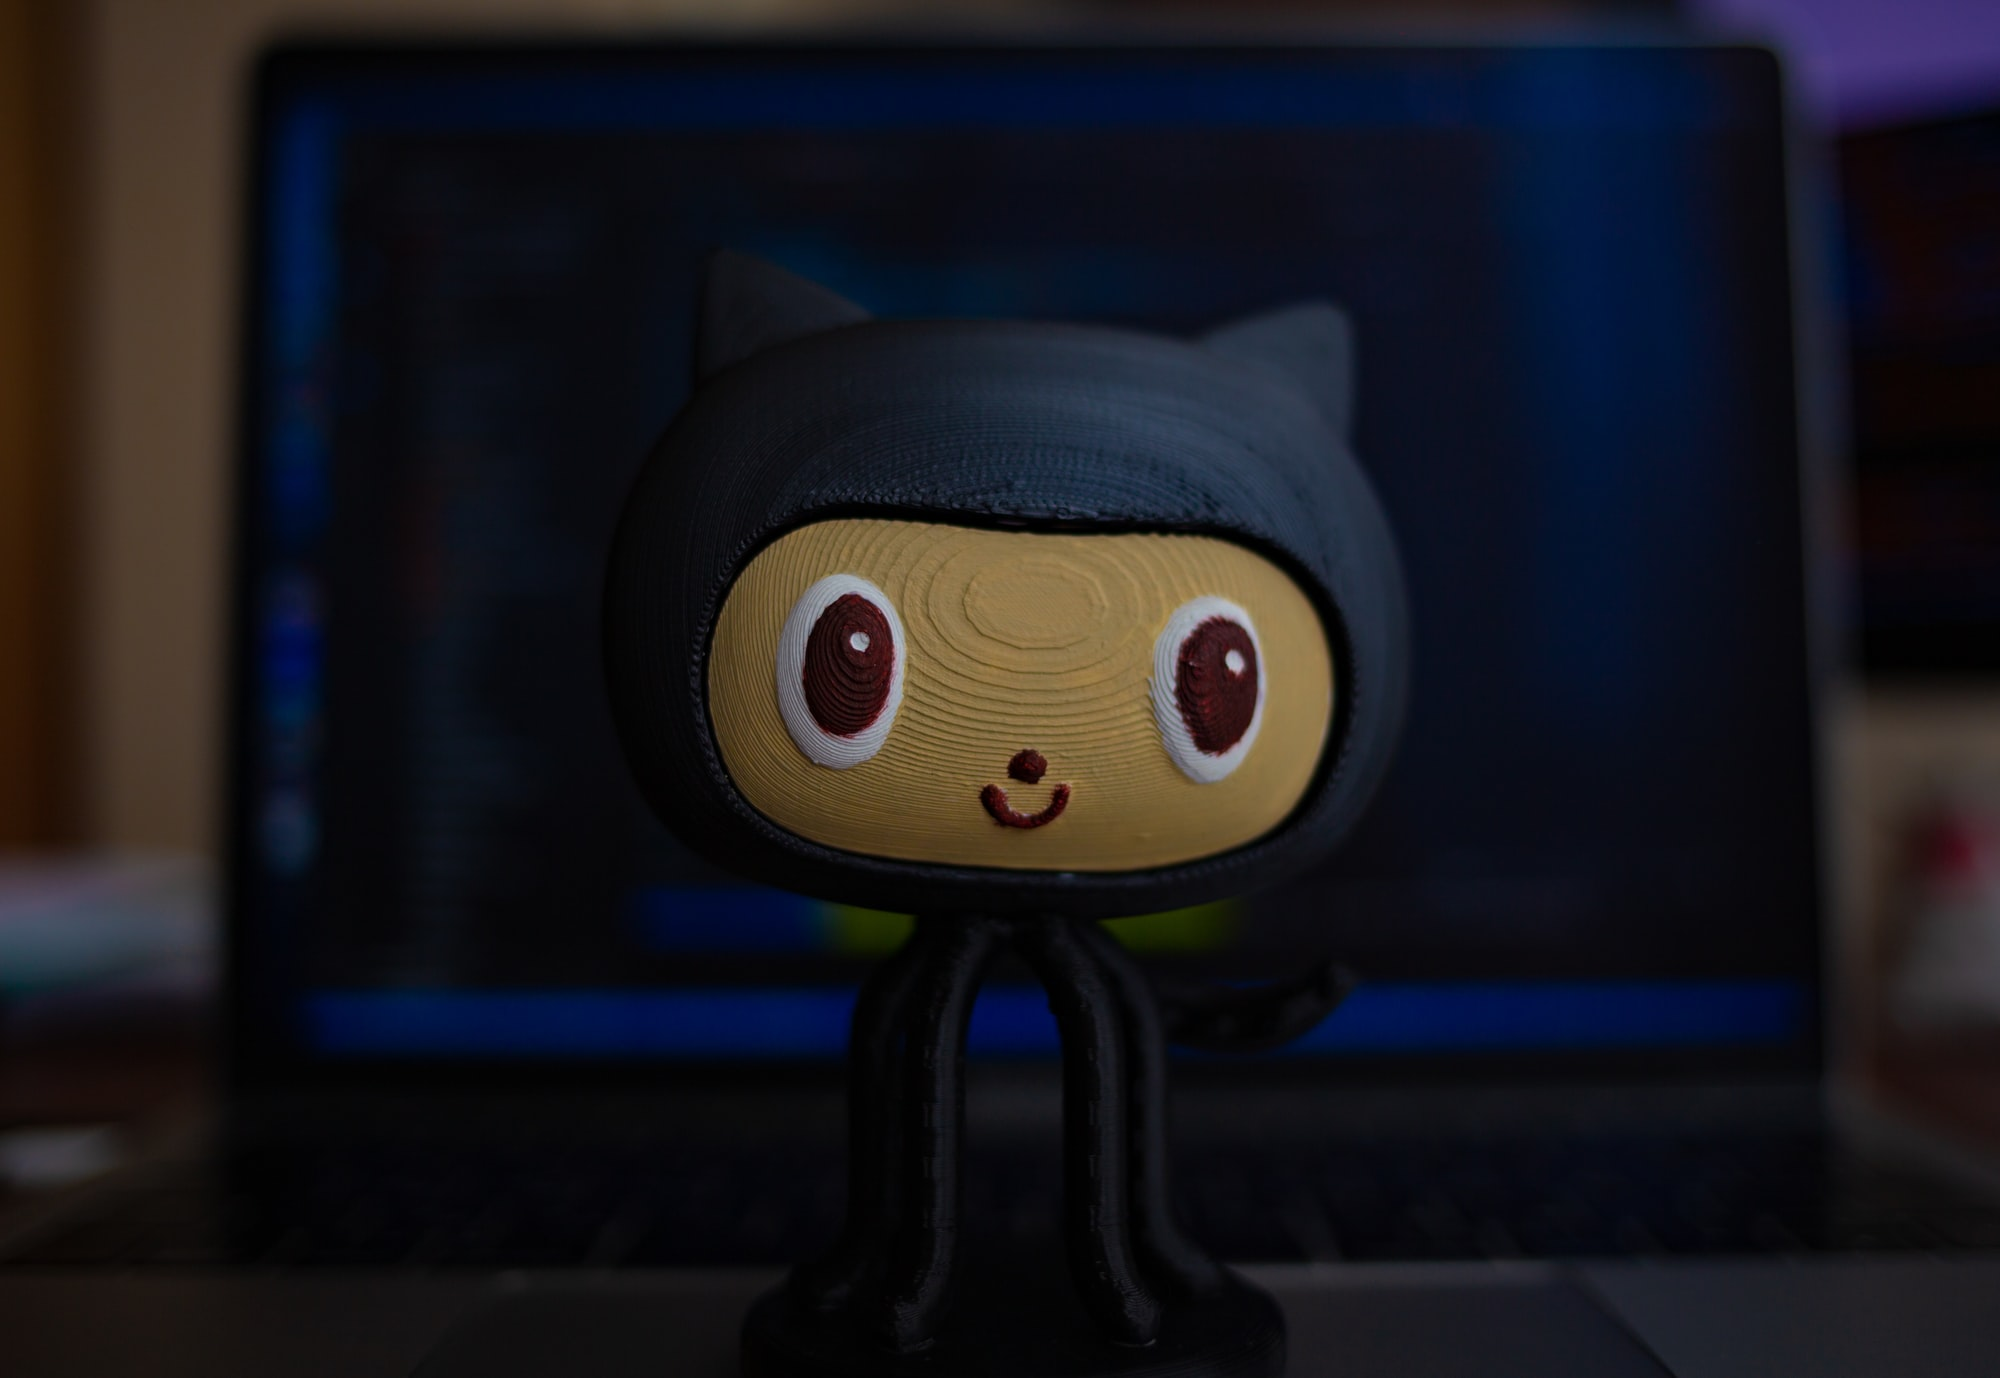 ТОП-5 репозиториев на GitHub, о которых должен знать каждый разработчик